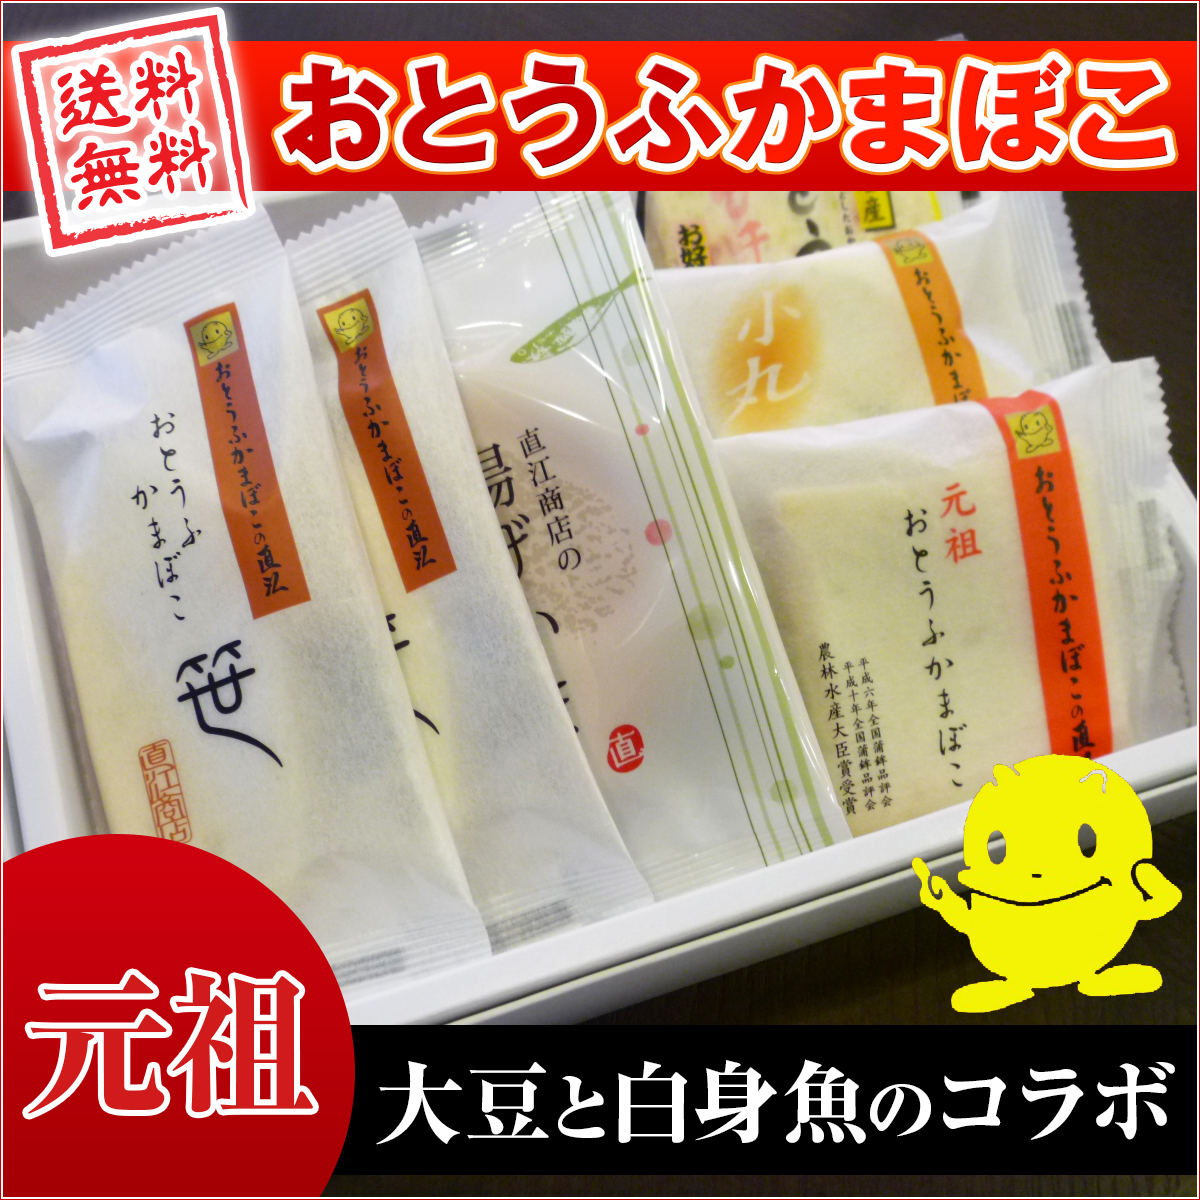 直江商店 宮城県 おとうふかまぼこ詰合せA25 おうちで食べくらべ